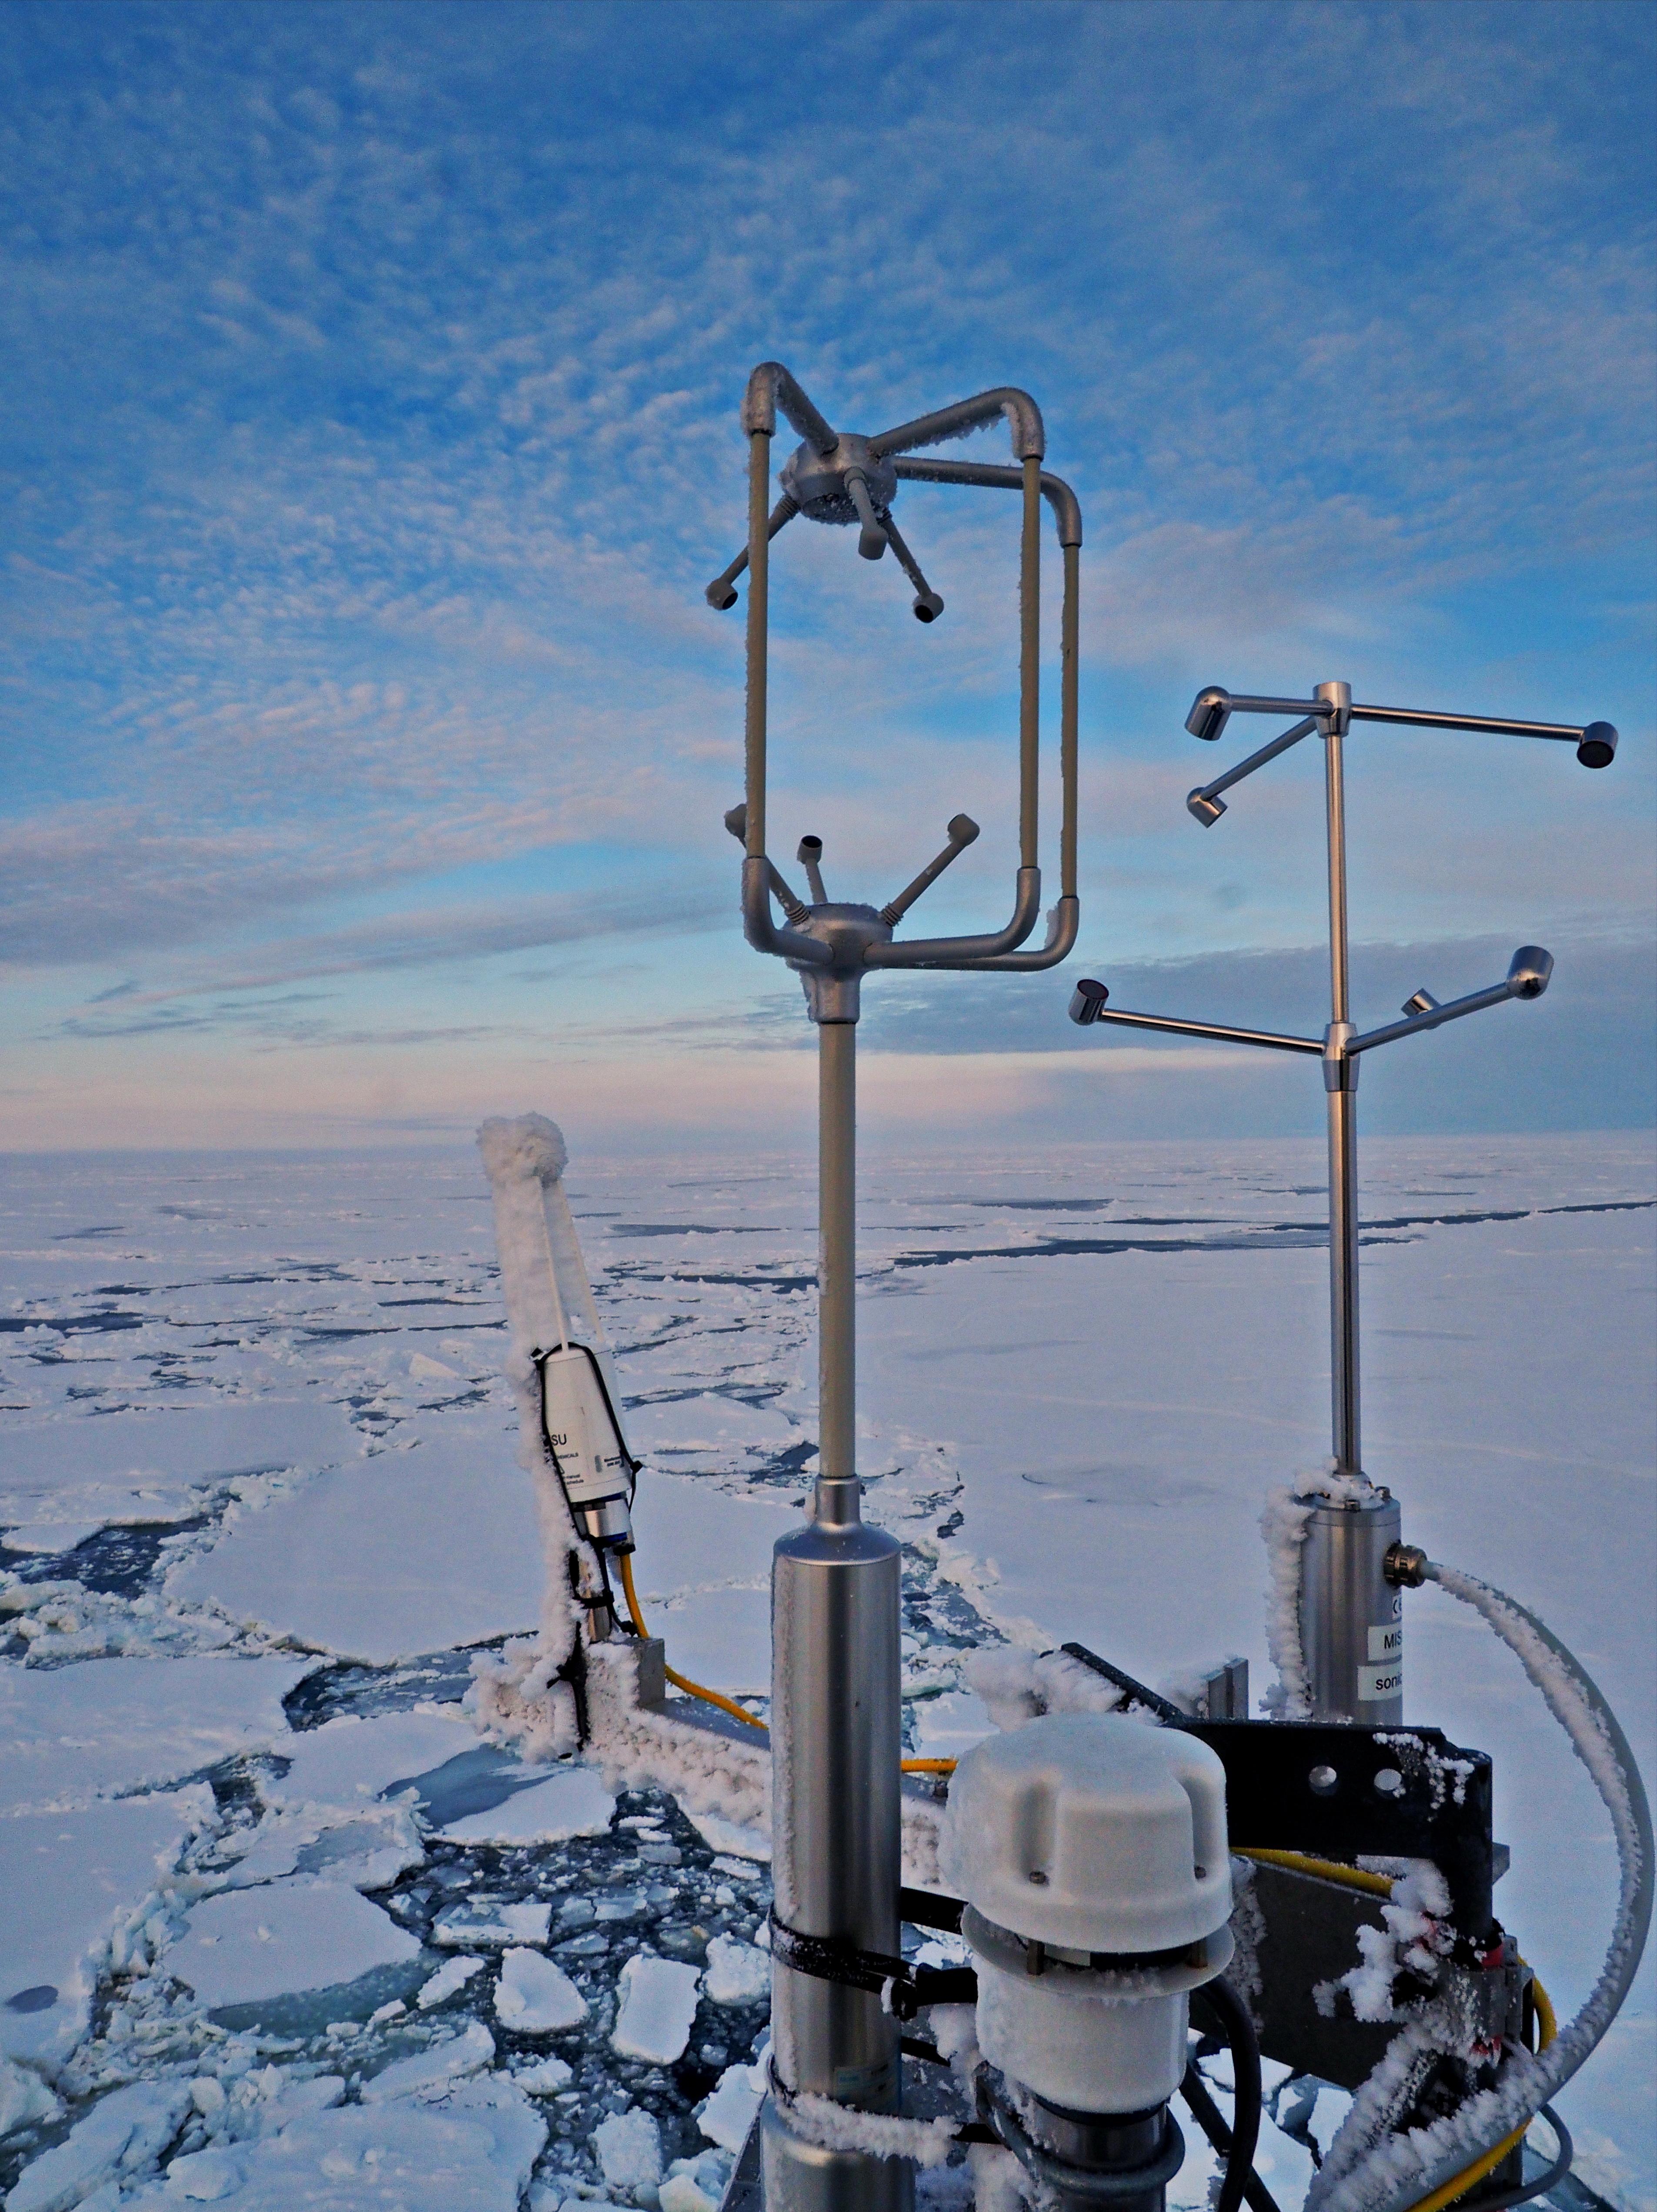 Närbild på mastens instrument, med ultraljudsvindmätare och analysinstrument för mätningar av det turbulenta flödet av vattenånga och koldioxid. Liknande instrument placerades på isen på en liten mast nära en öppen råk. Foto: Michael Tjernström